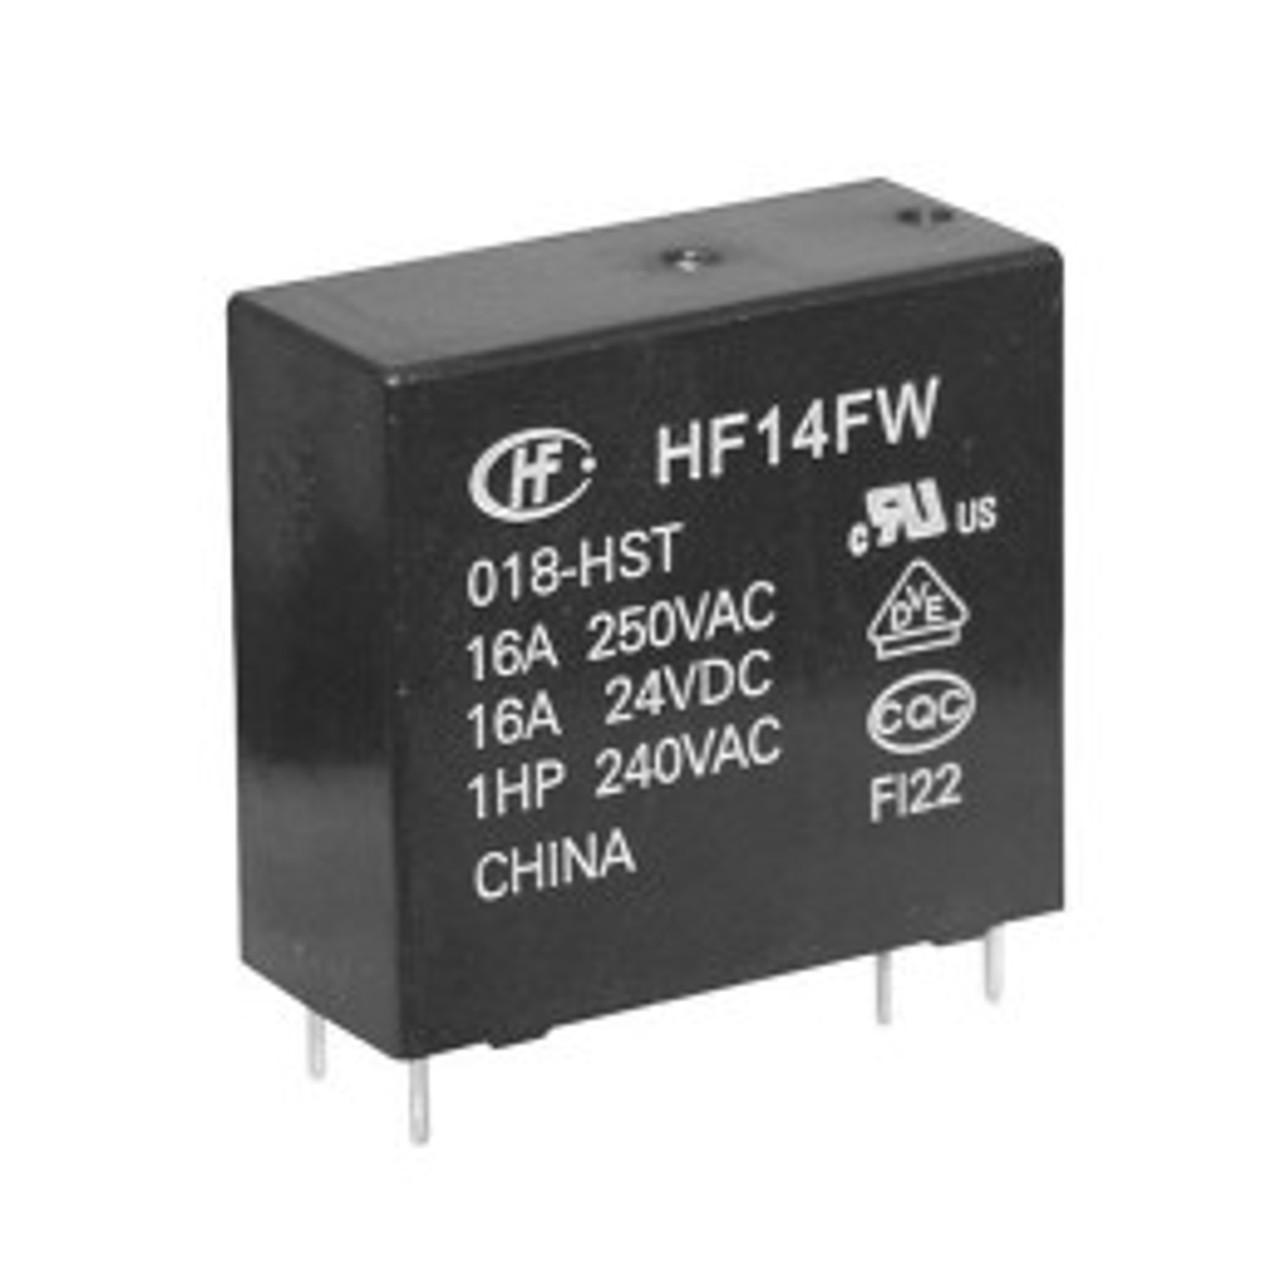 HF14FW//012-HST   HONGFA  Relais  Relay  SPST-NO 12VDC 16A  275R  NEW  #BP 4 pcs